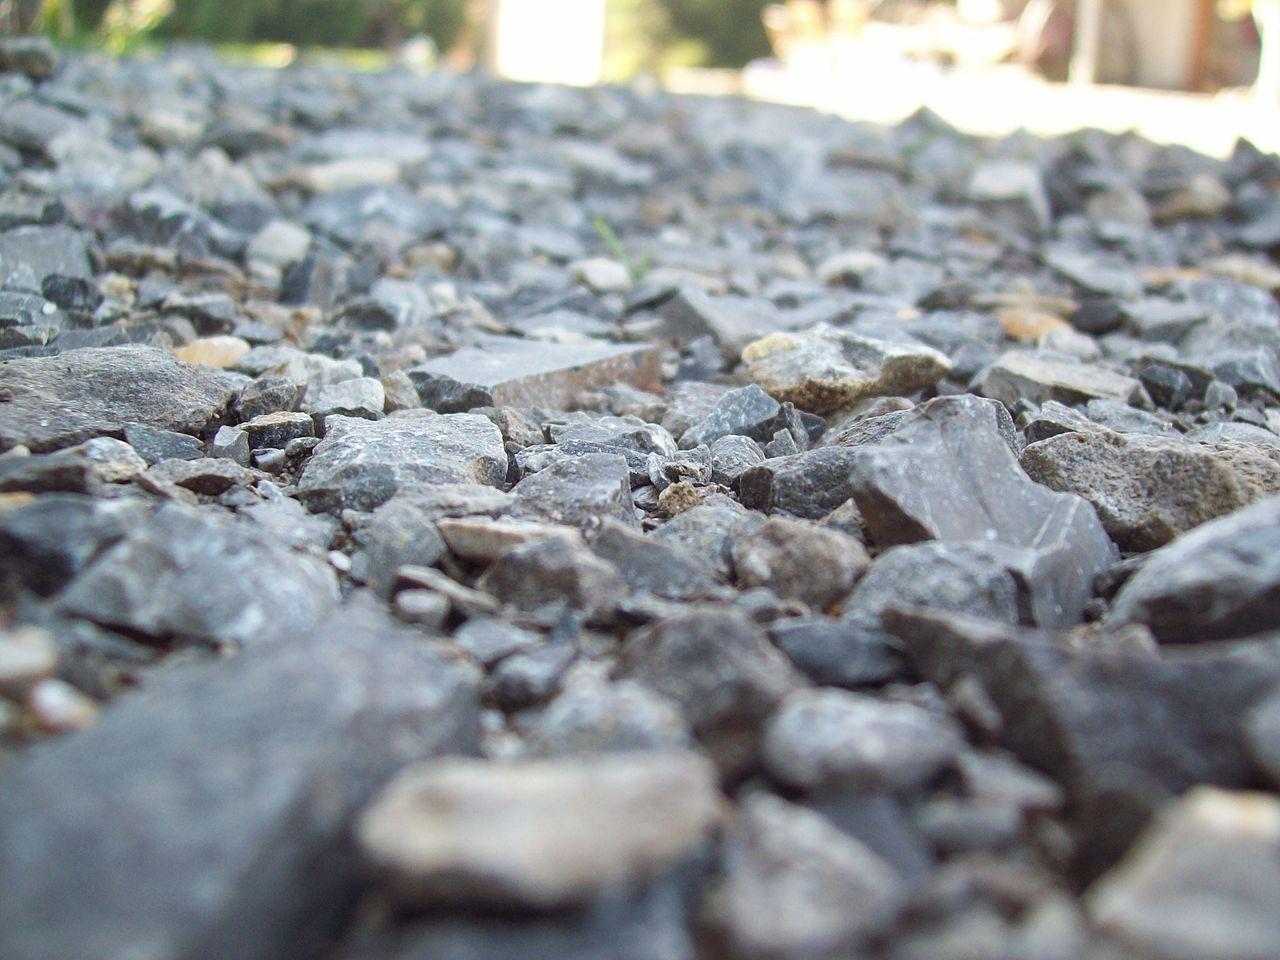 Żwir i kamienie ozdobne do Twojego ogrodu